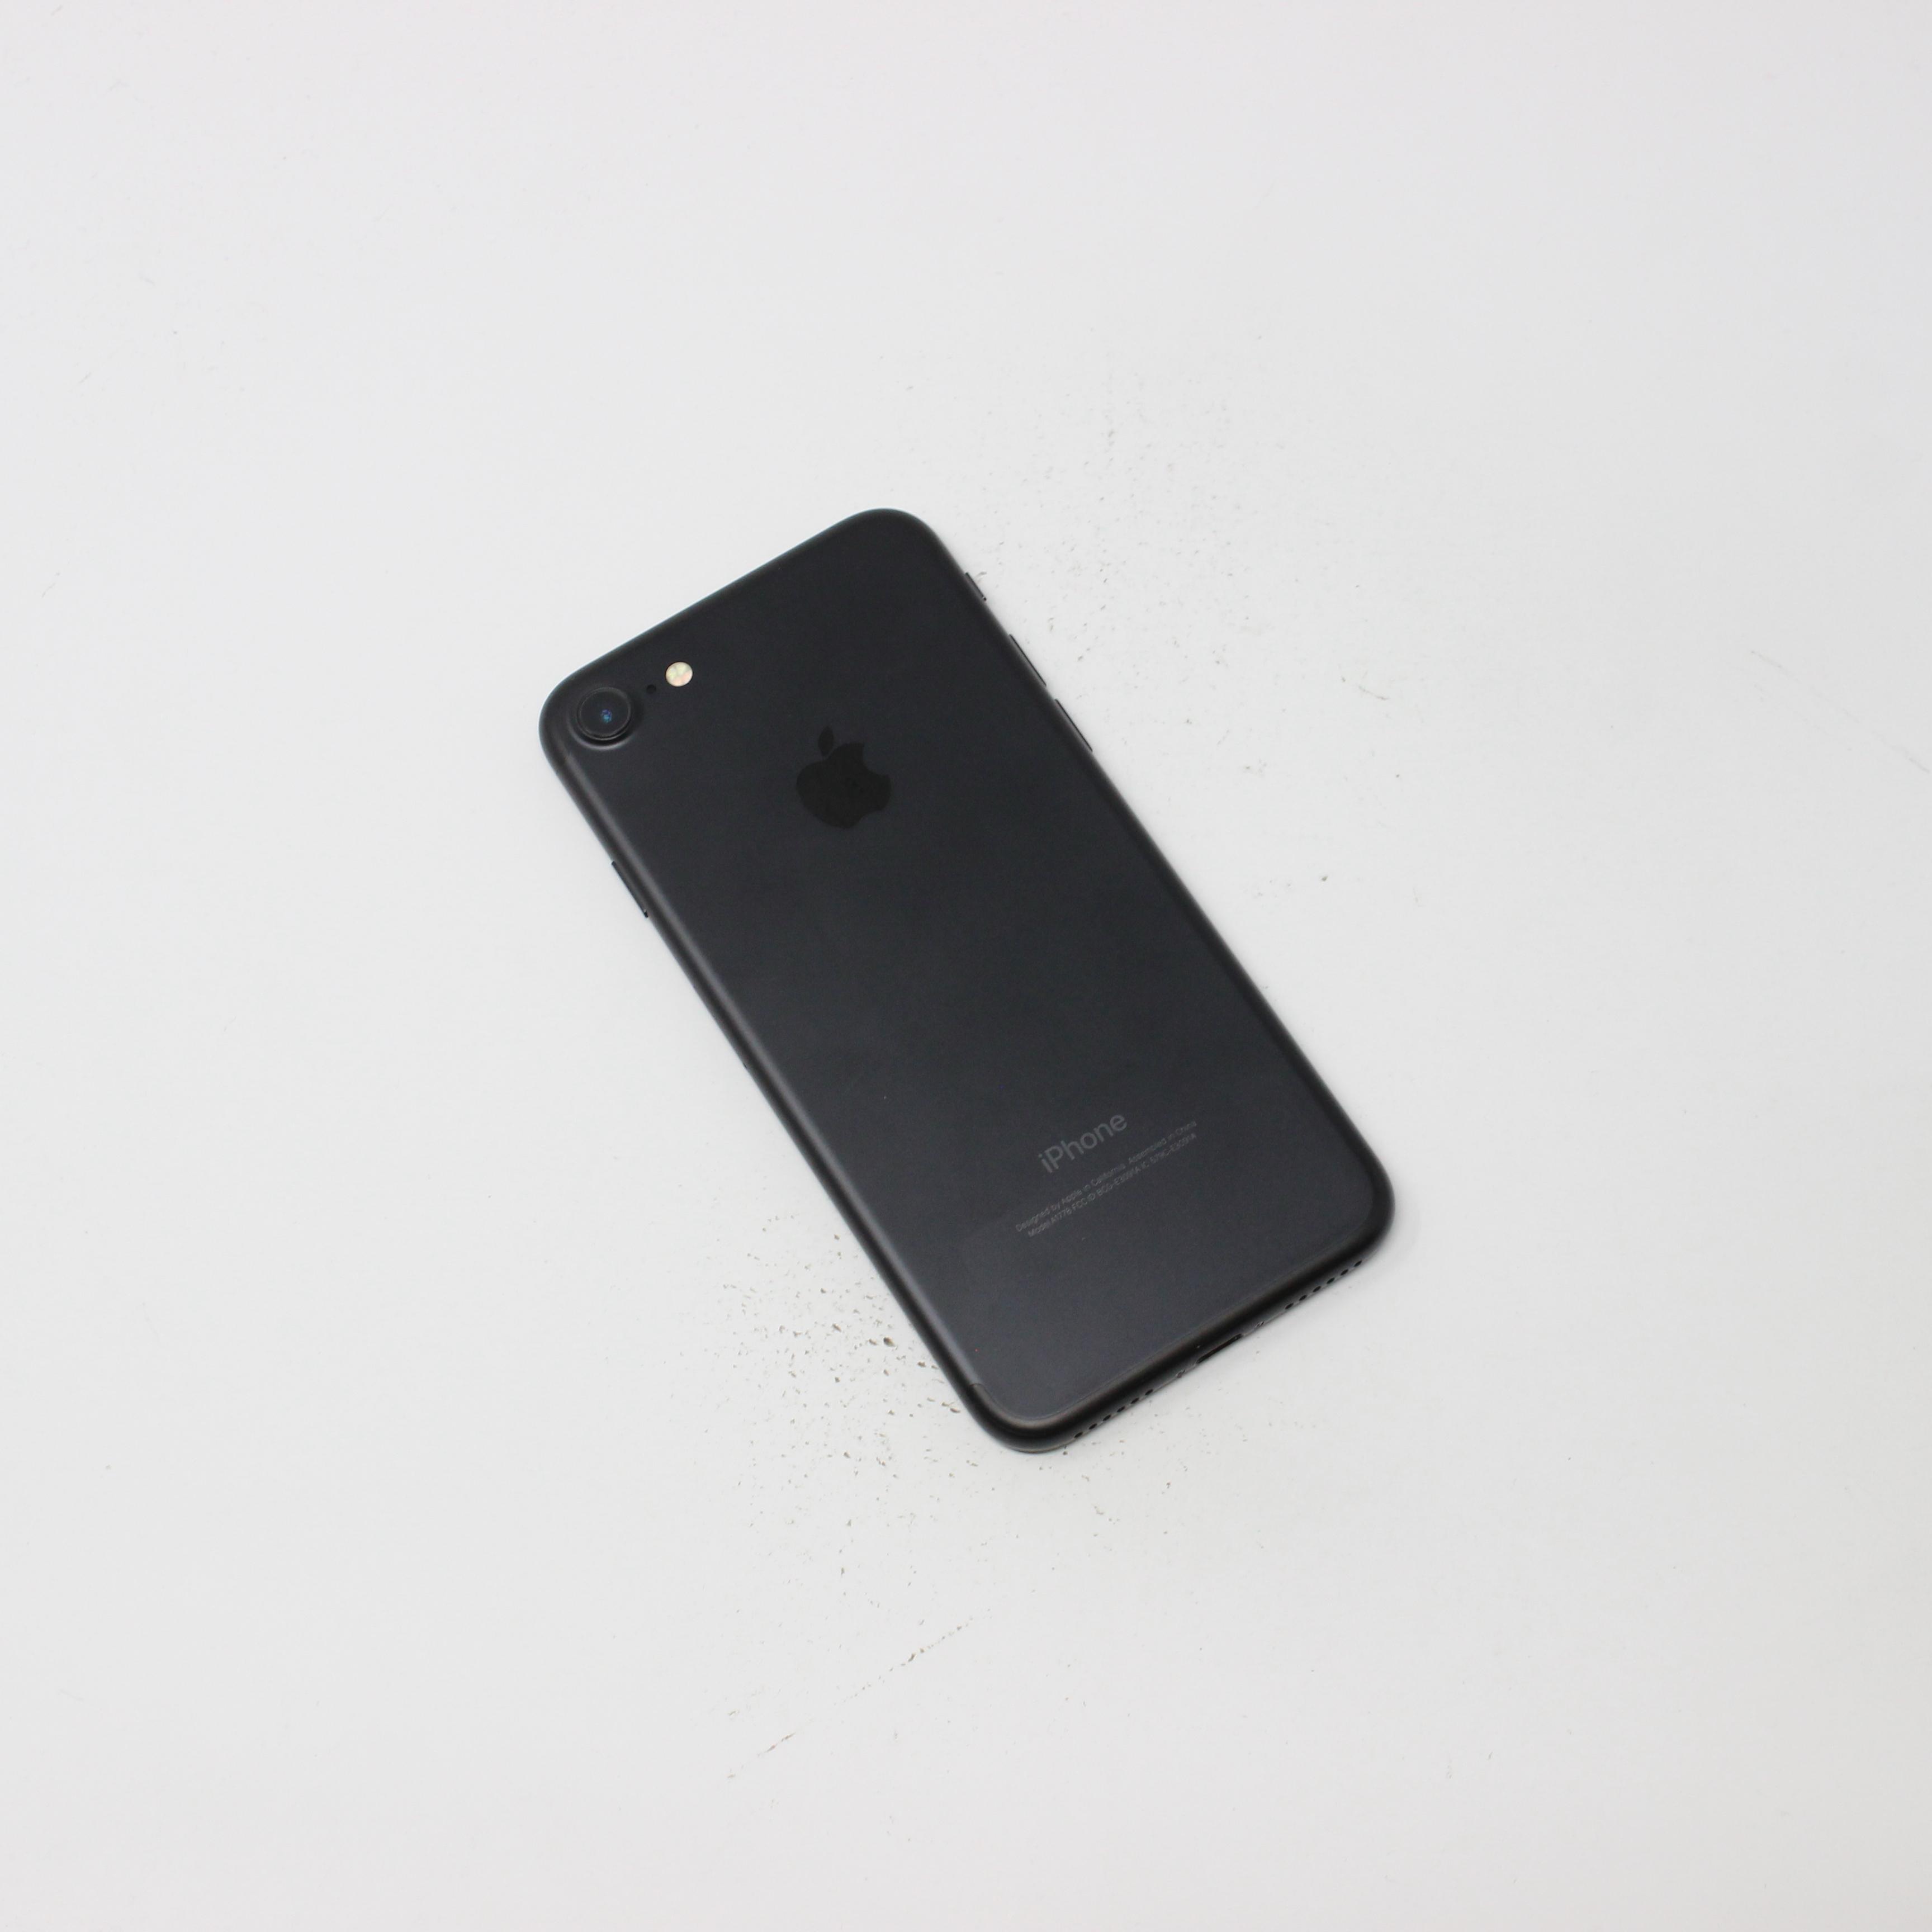 iPhone 7 32GB Black - T-Mobile photo 3 | UpTradeit.com